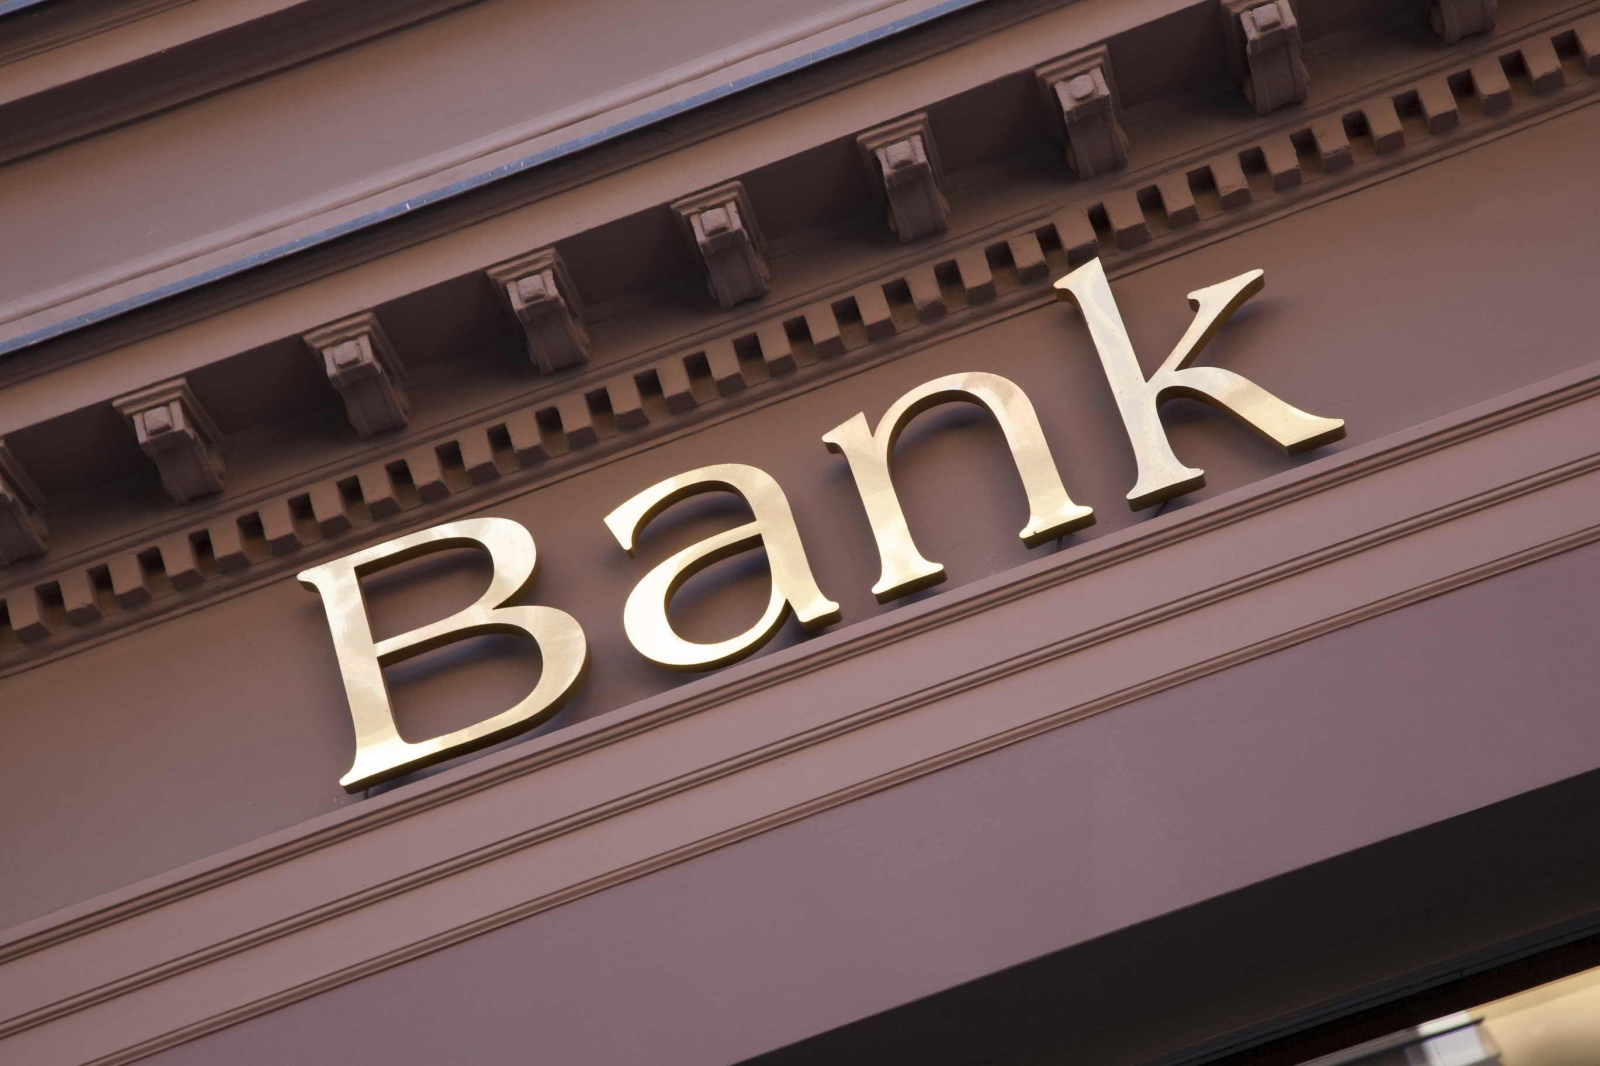 Банки США видят большие возможности в применении технологии видеоаналитики